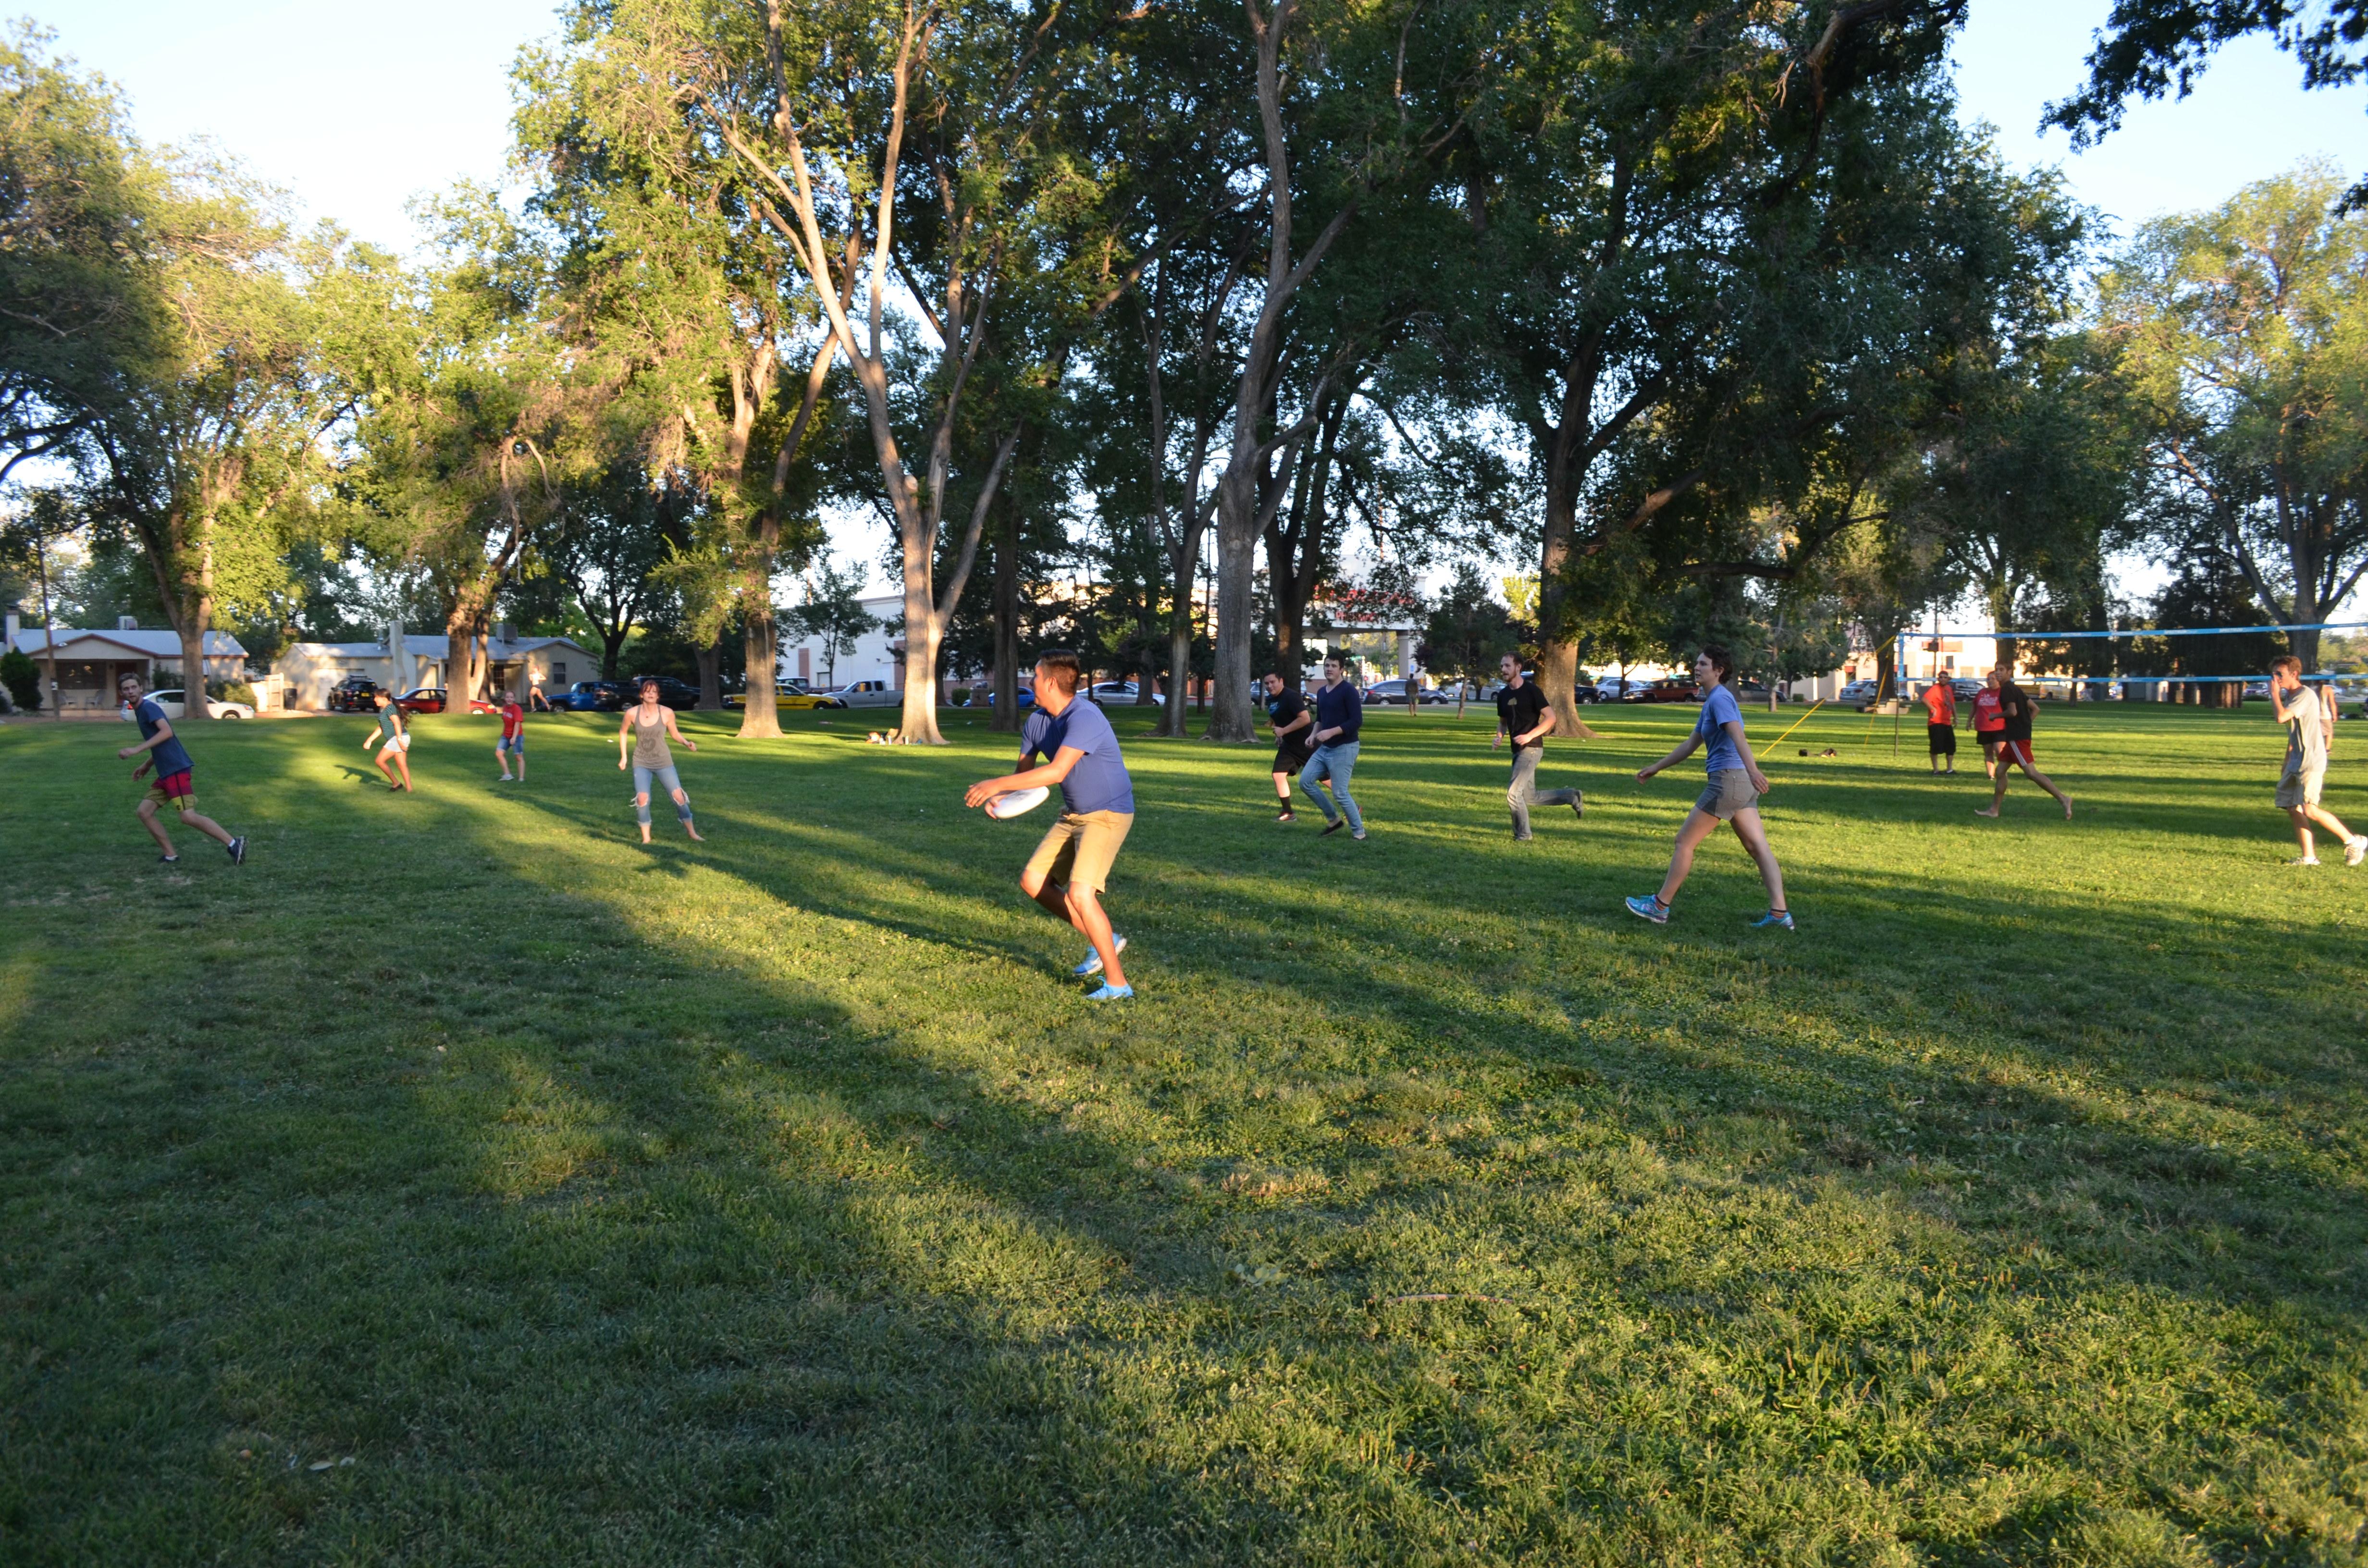 Les élèves jouent au frisbee.